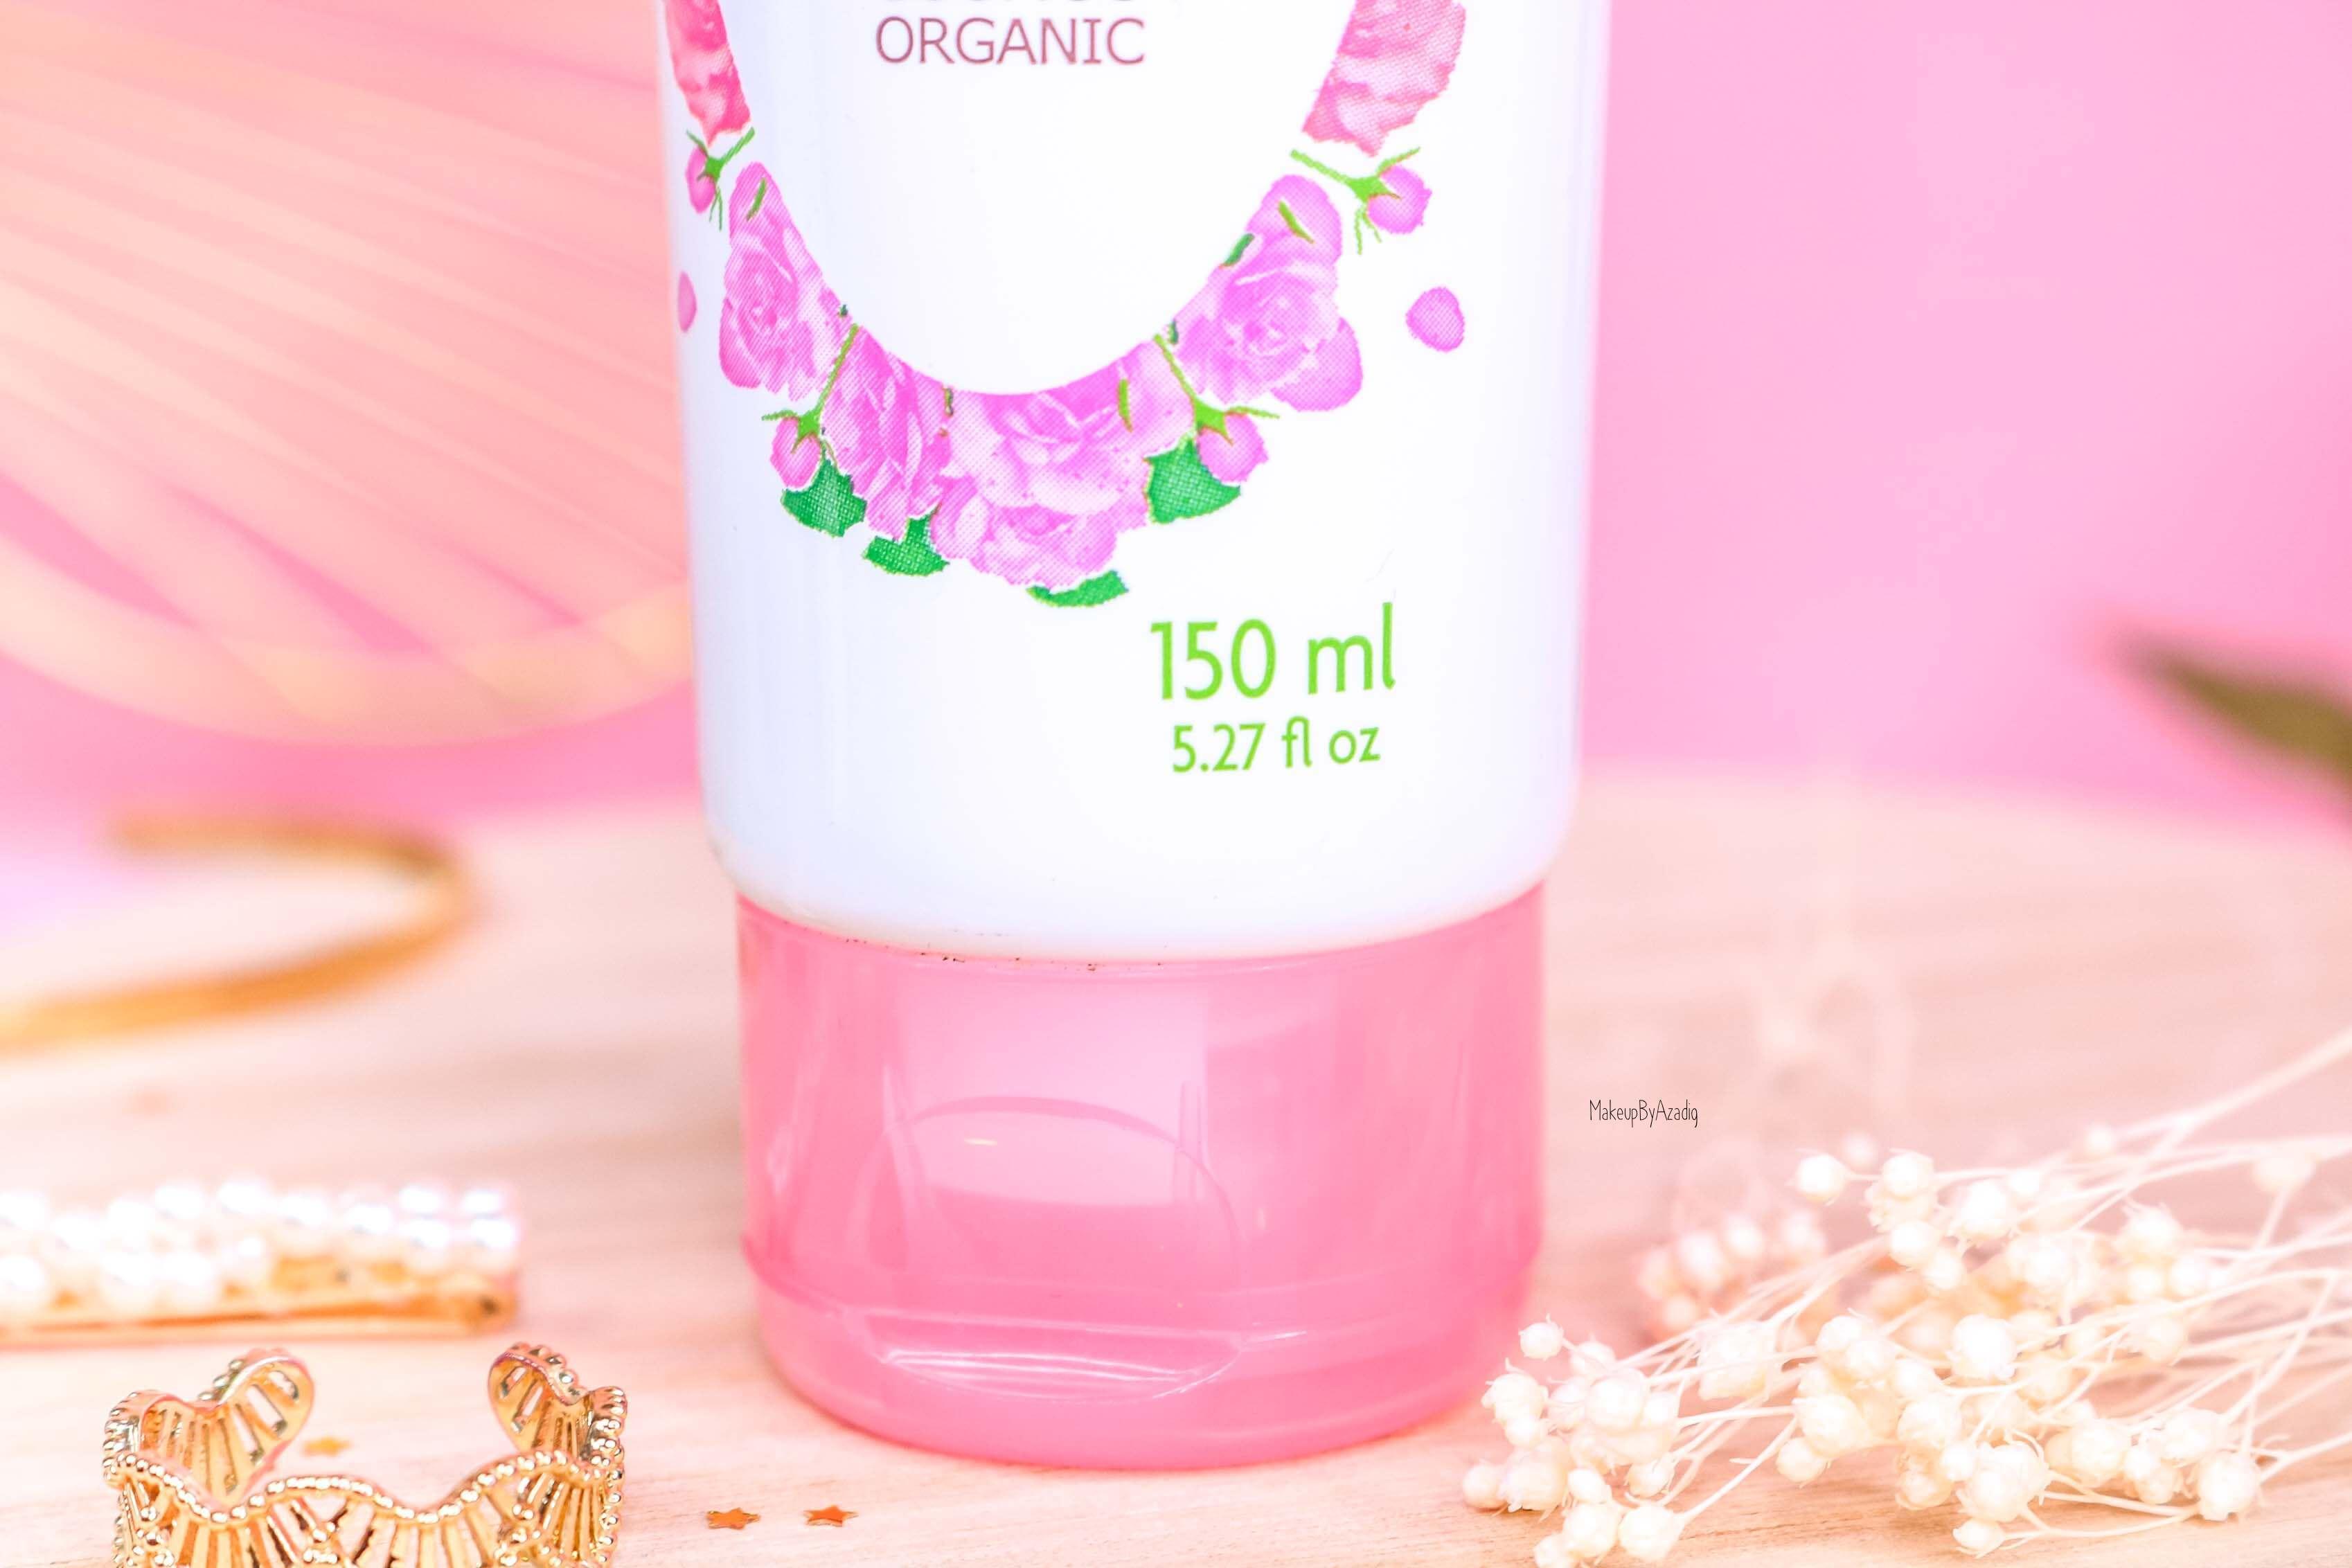 revue-produit-corps-visage-rose-fleurance-nature-hydratant-bio-cosmos-organic-avis-prix-makeupbyazadig-eau-micellaire-quantite